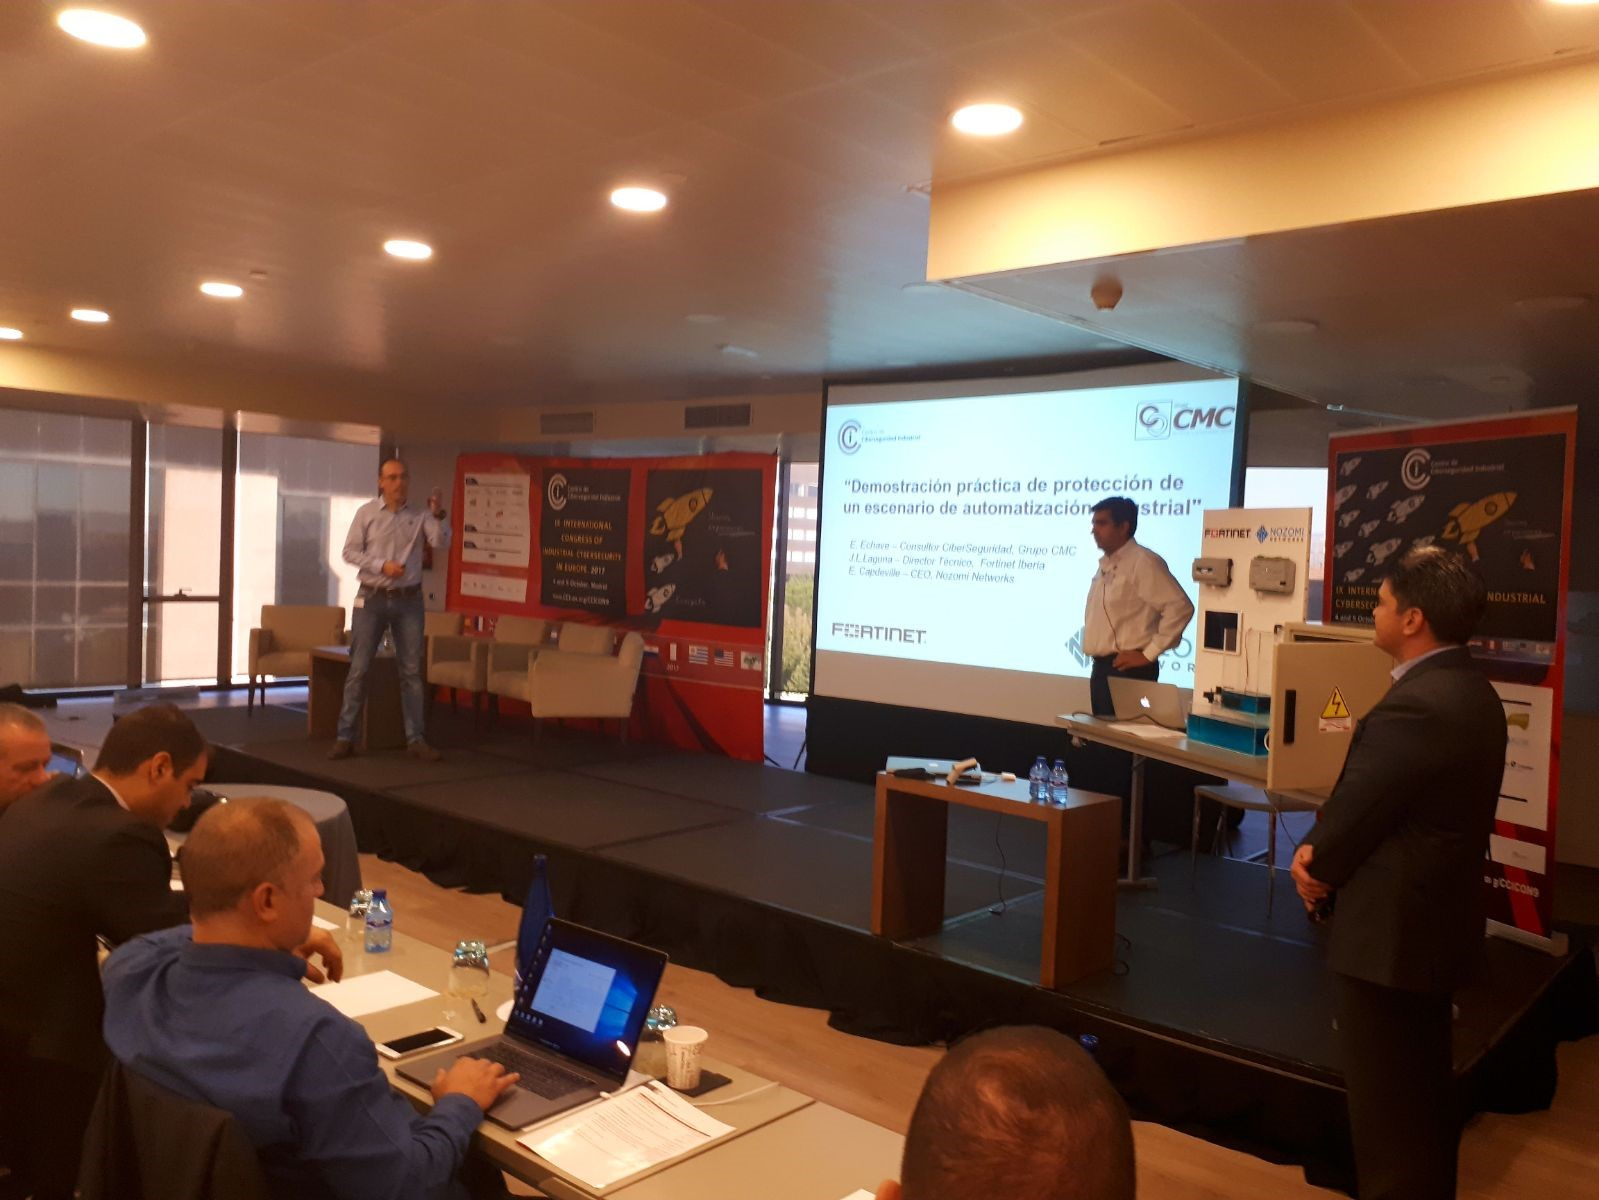 IX Congreso Internacional de Ciberseguridad Industrial. Fortinet & Nozomi Networks.